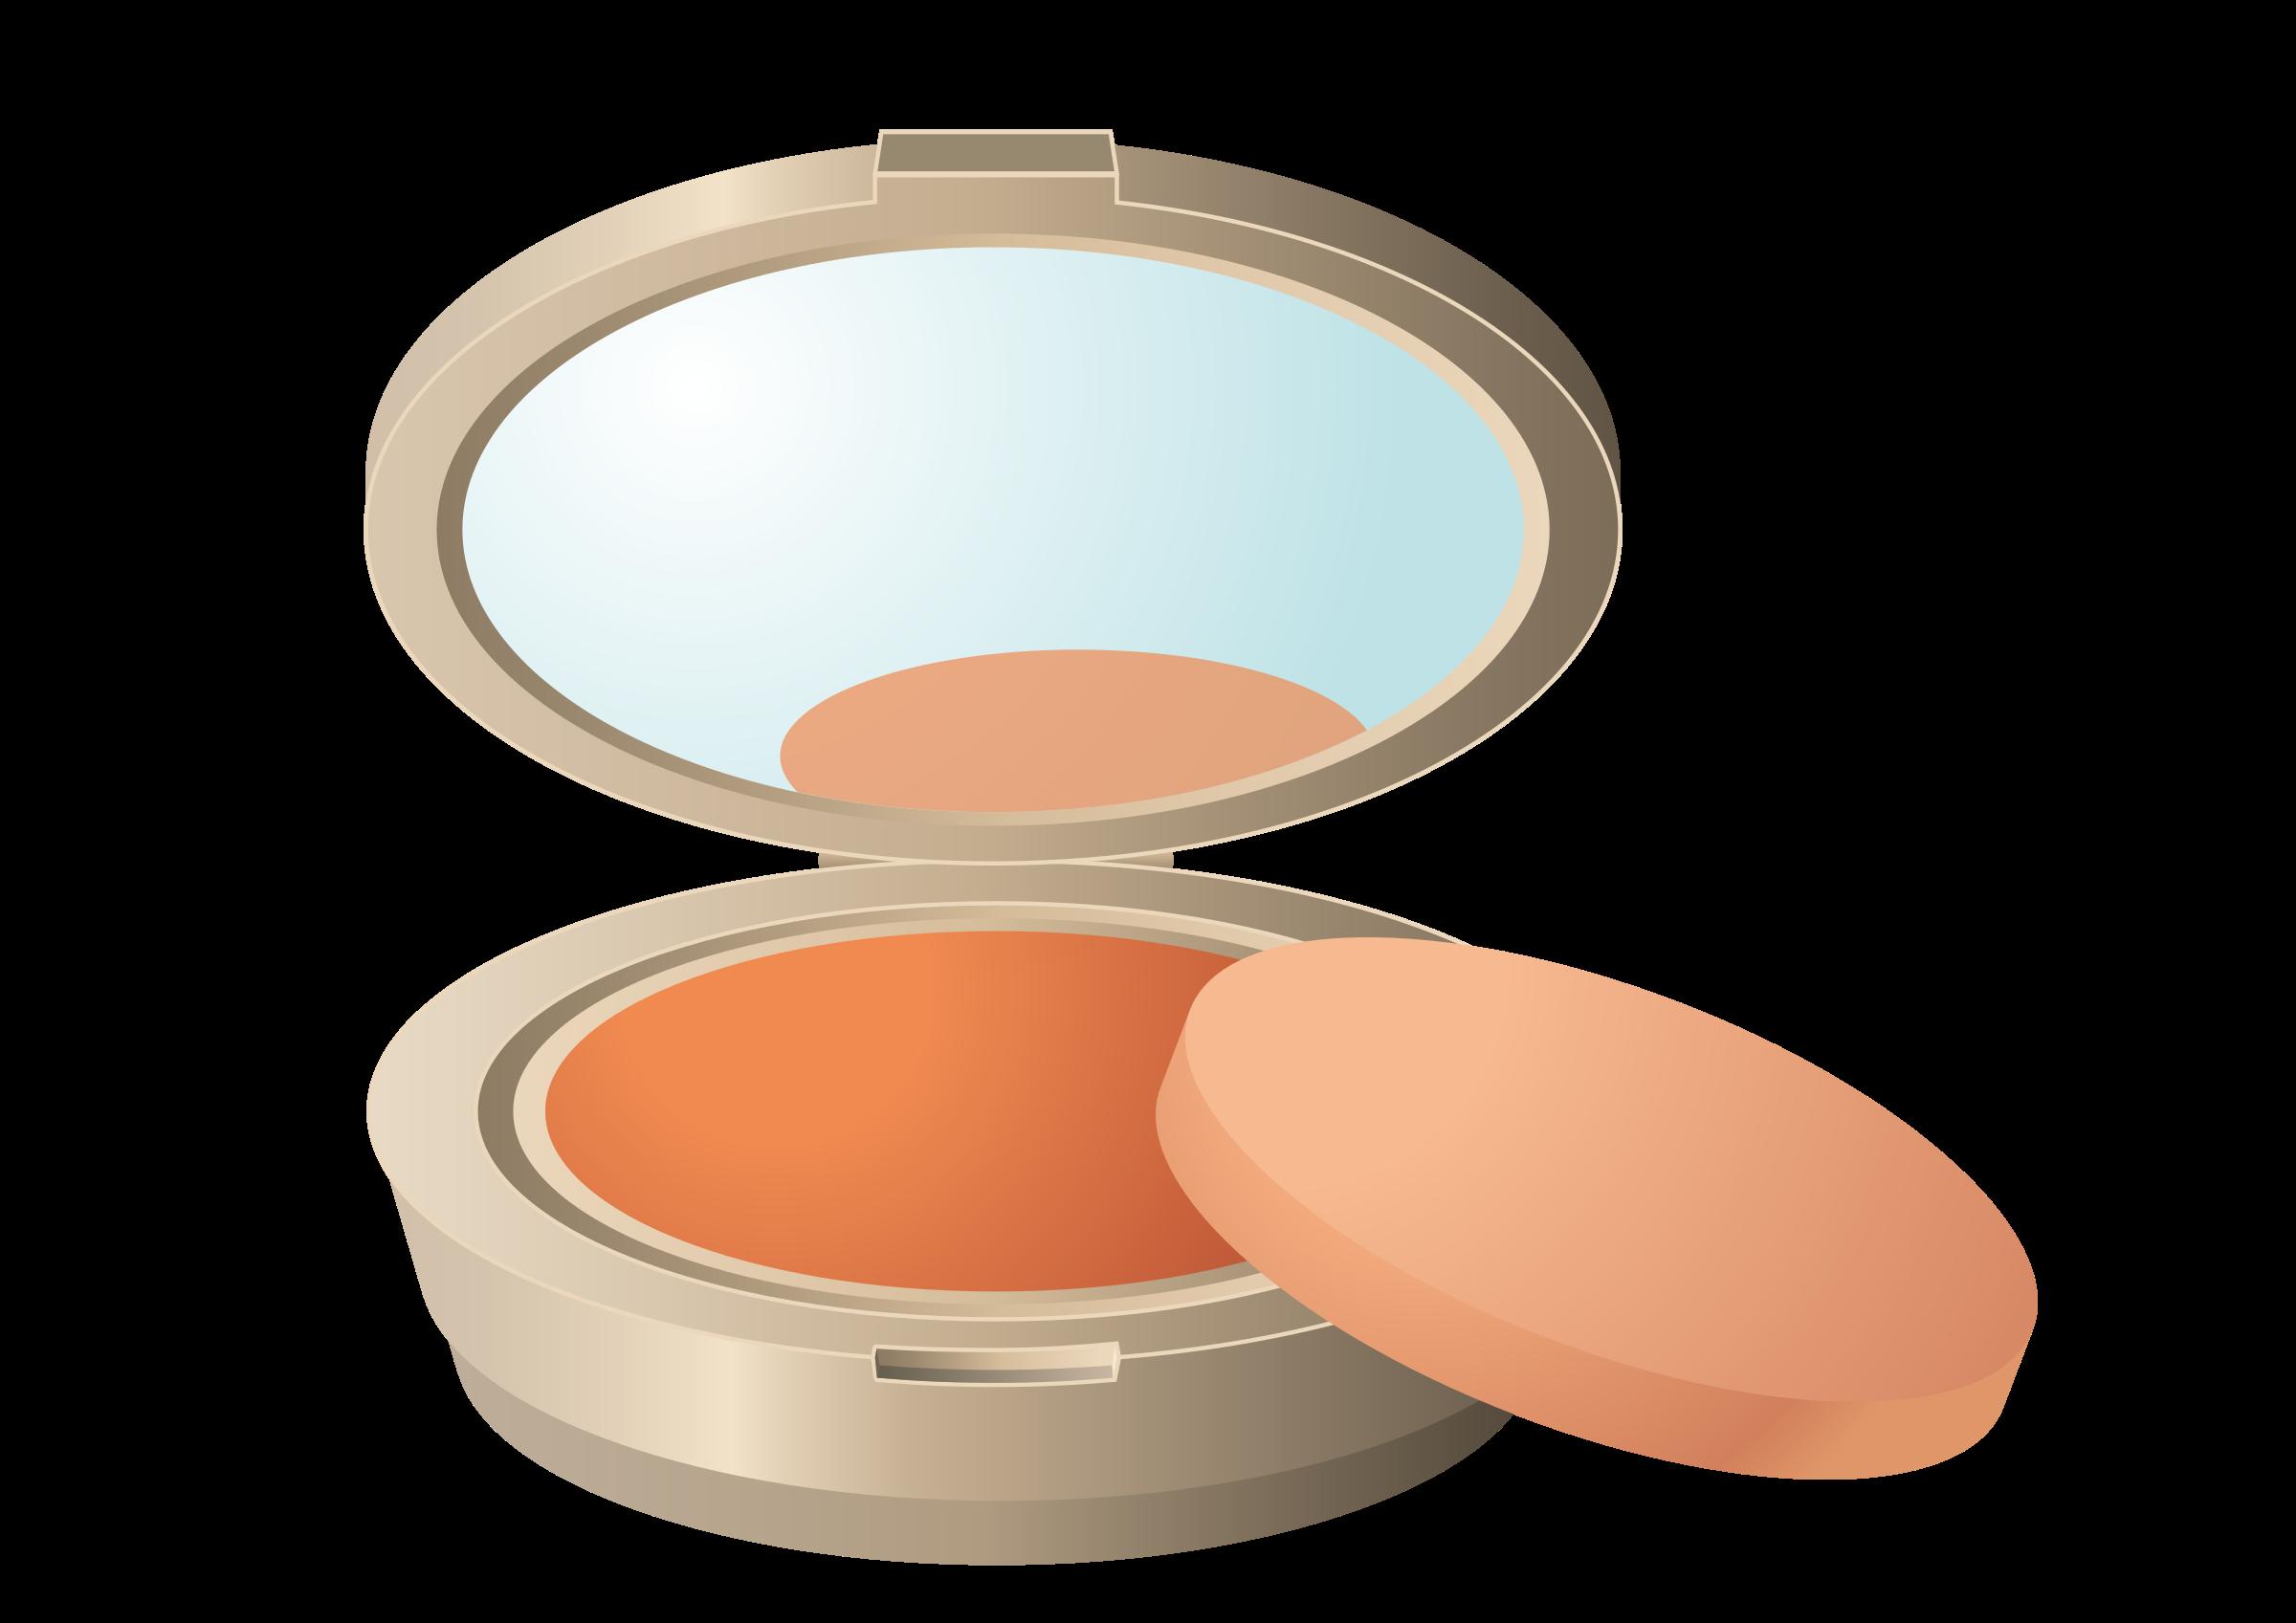 Clip art makeup palette clipart